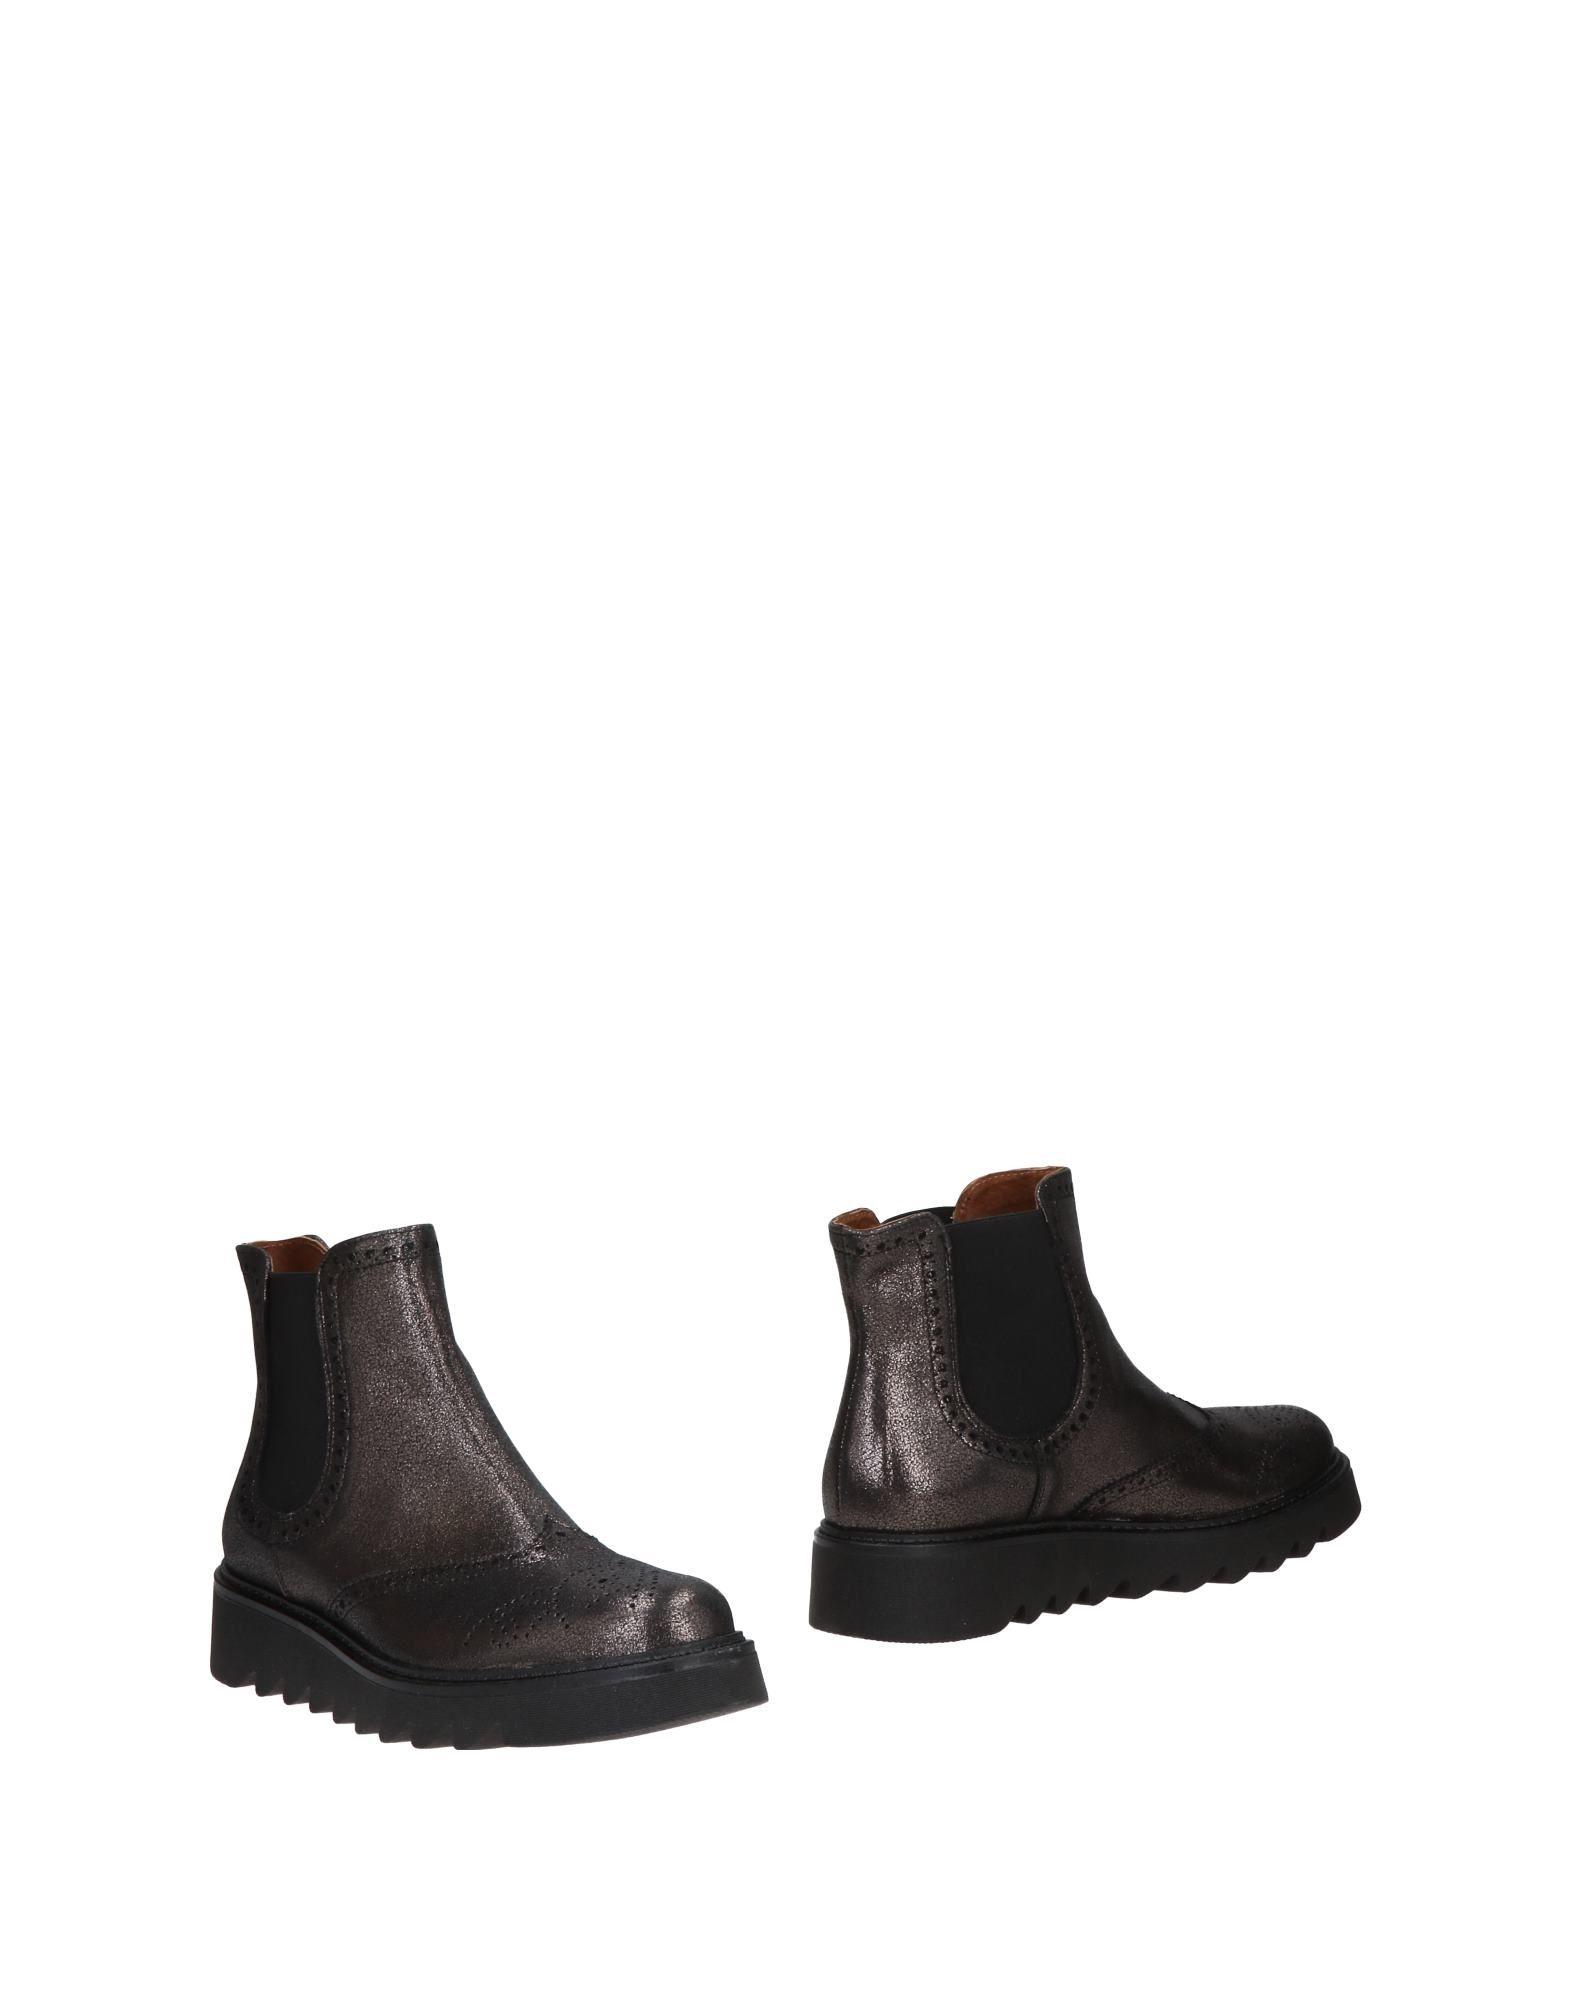 Manufacture D'essai Chelsea Boots Damen  11491591CA Gute Qualität beliebte Schuhe Schuhe beliebte 14a6da